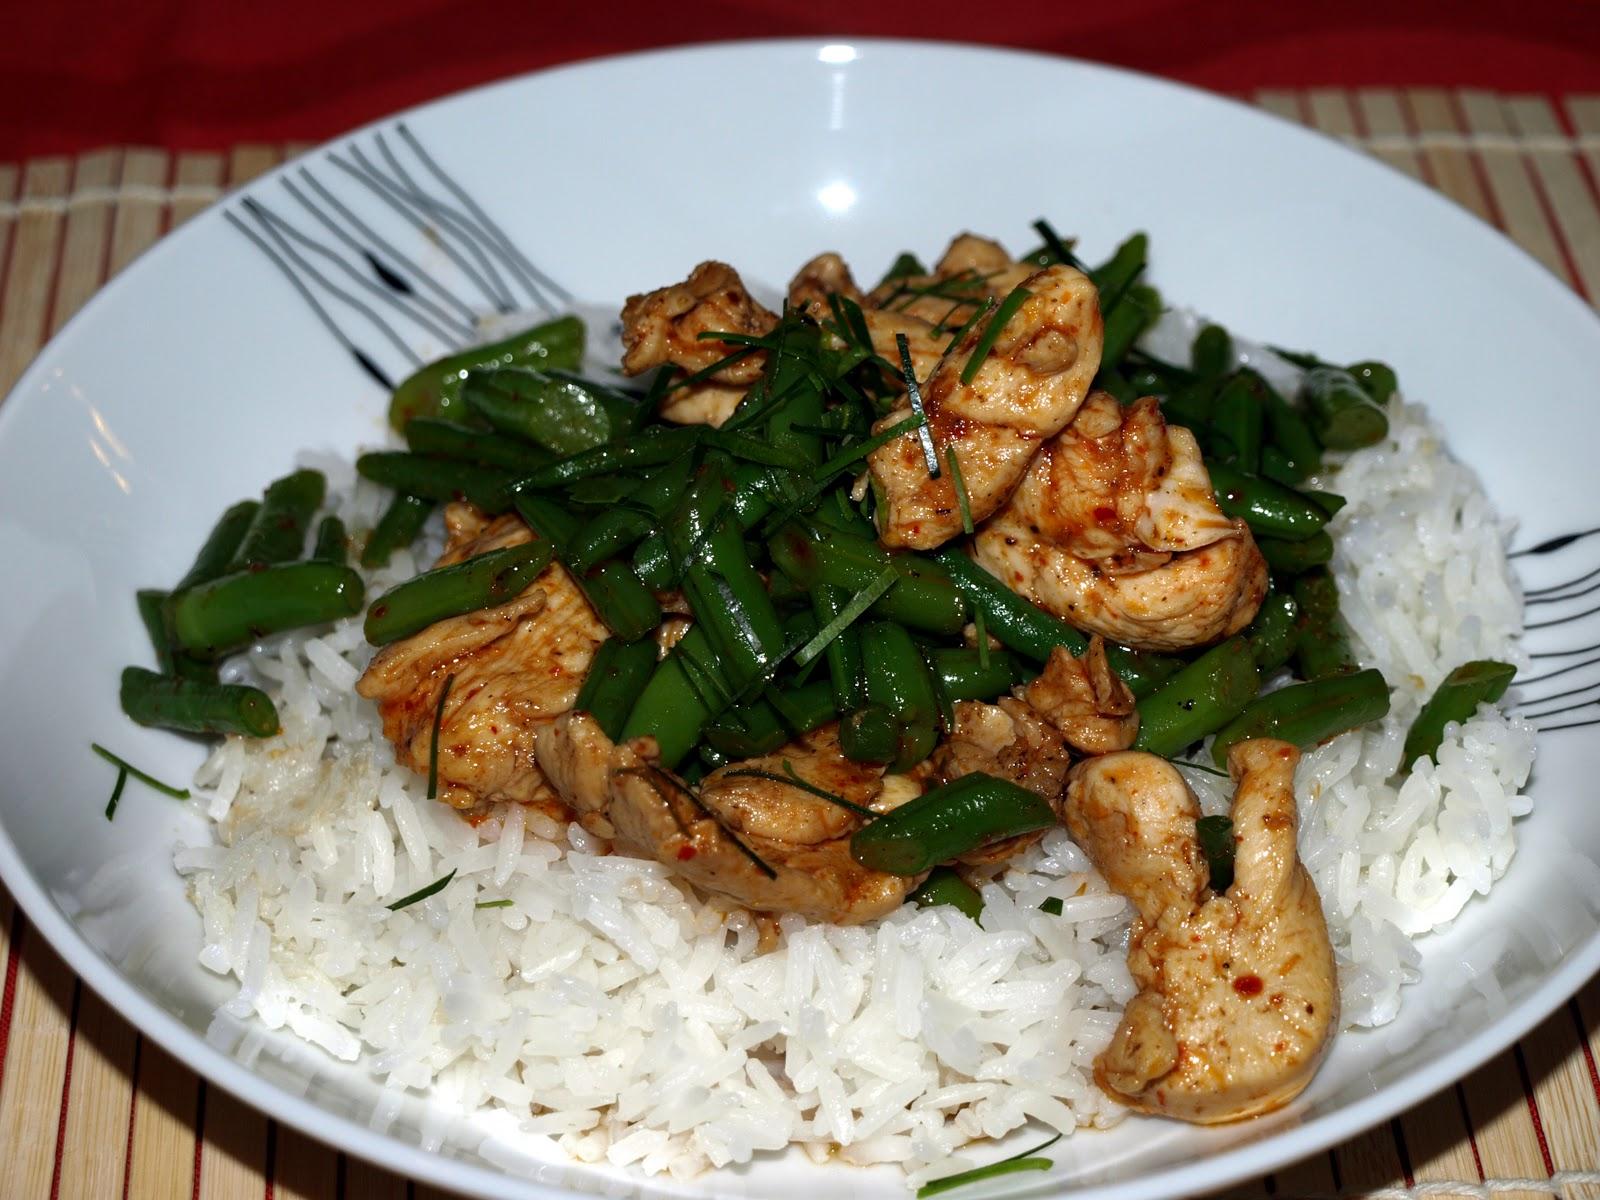 Hauptsache es schmeckt 2010 10 10 - Reis im reiskocher ...